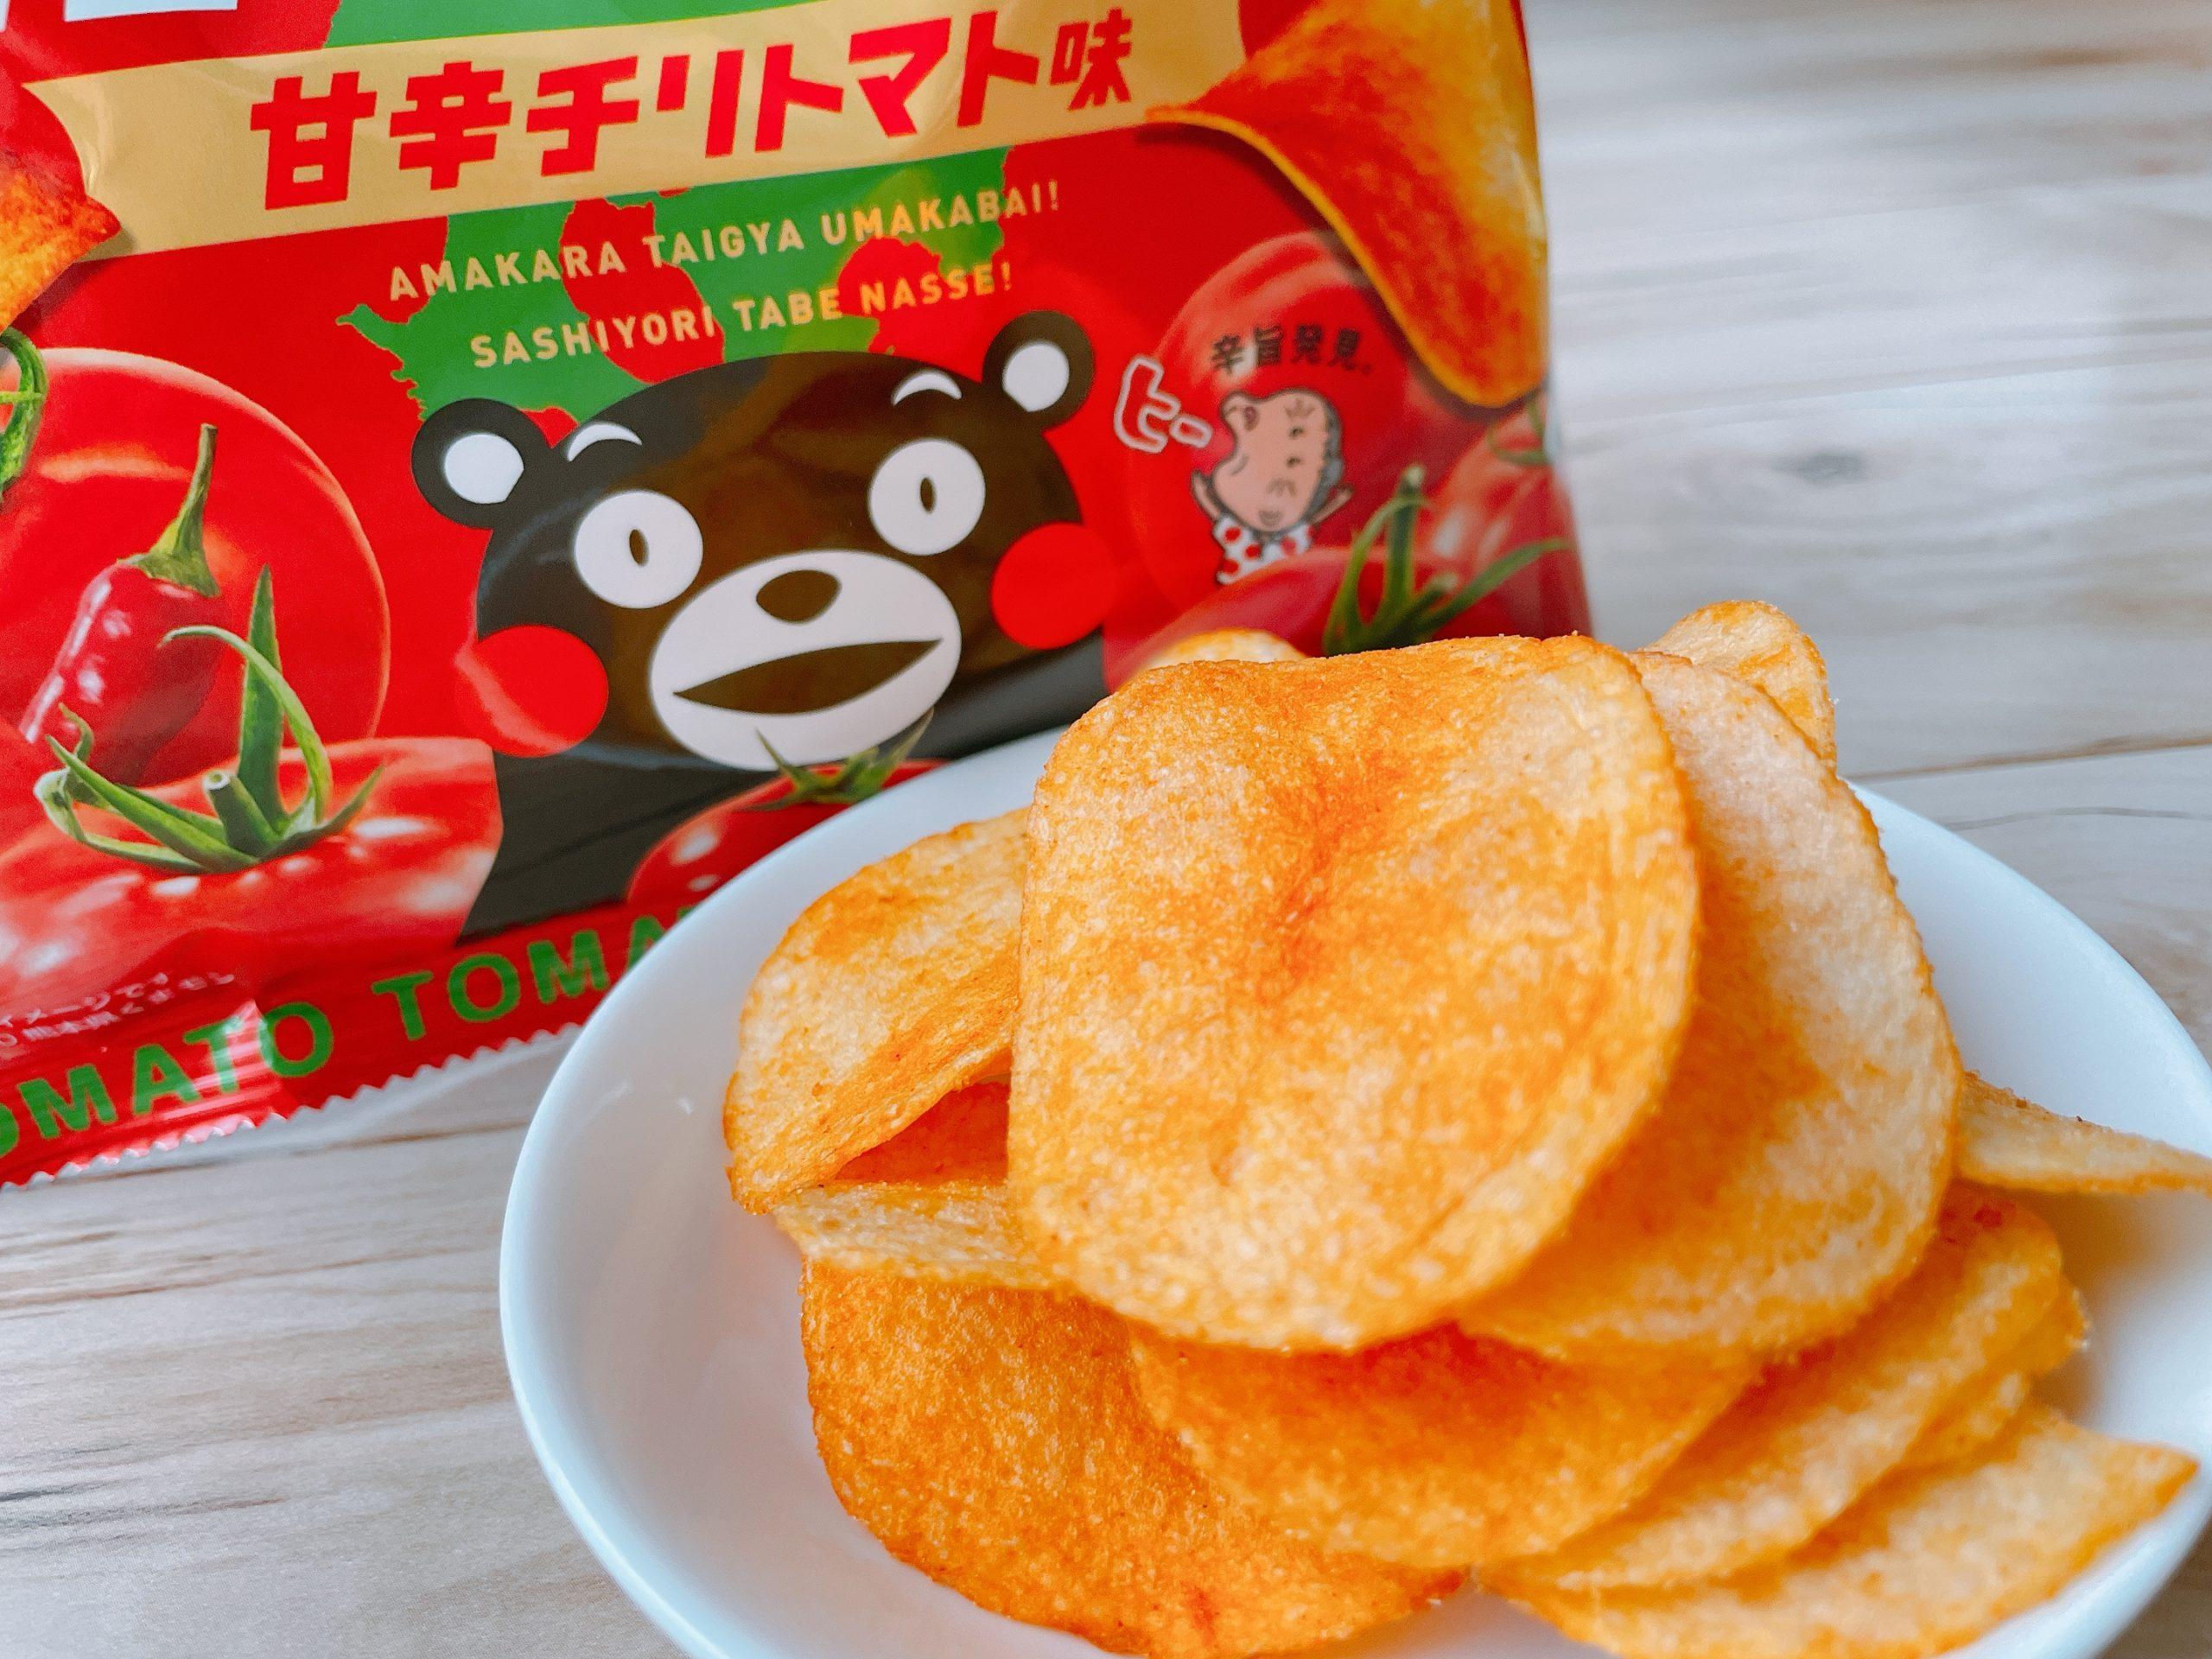 九州カラムーチョ<甘辛チリトマト>全く別物のカラムーチョ